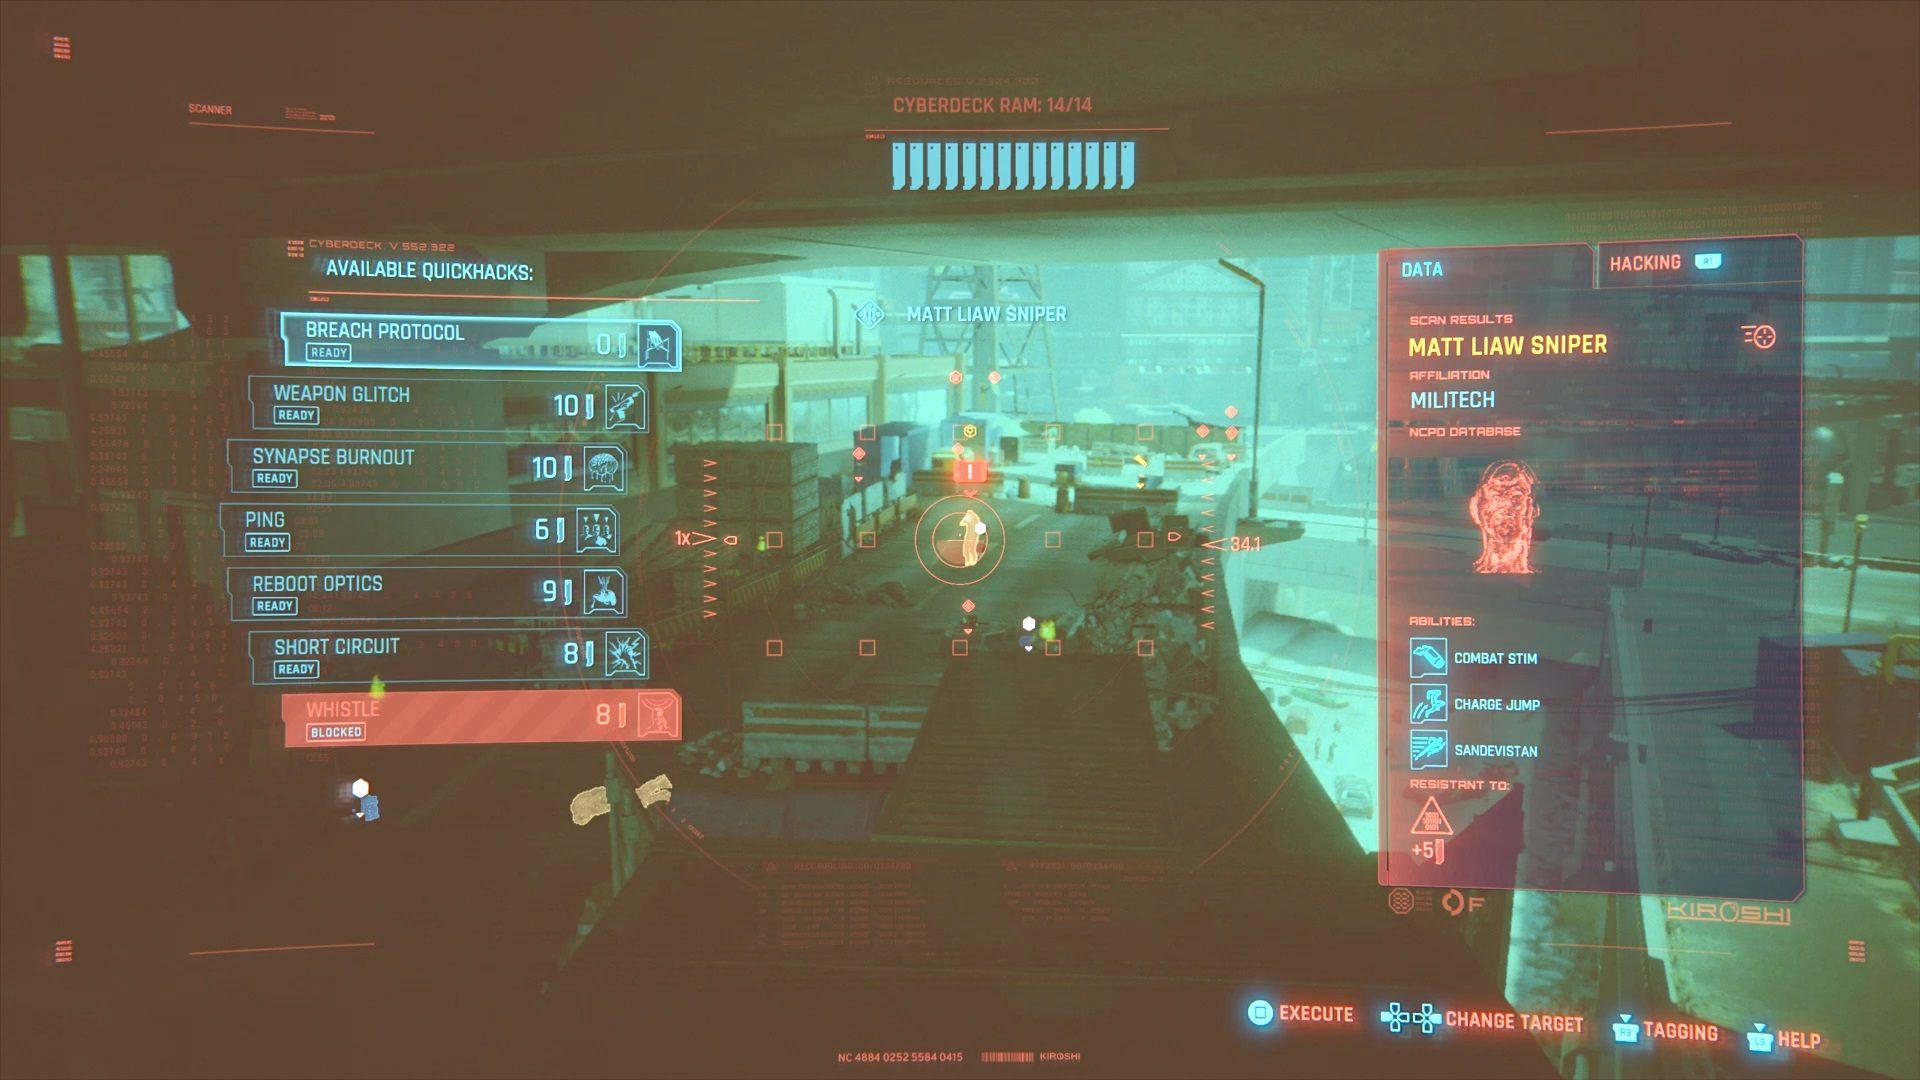 Cyberpunk 2077 Matt Liaw Sniper